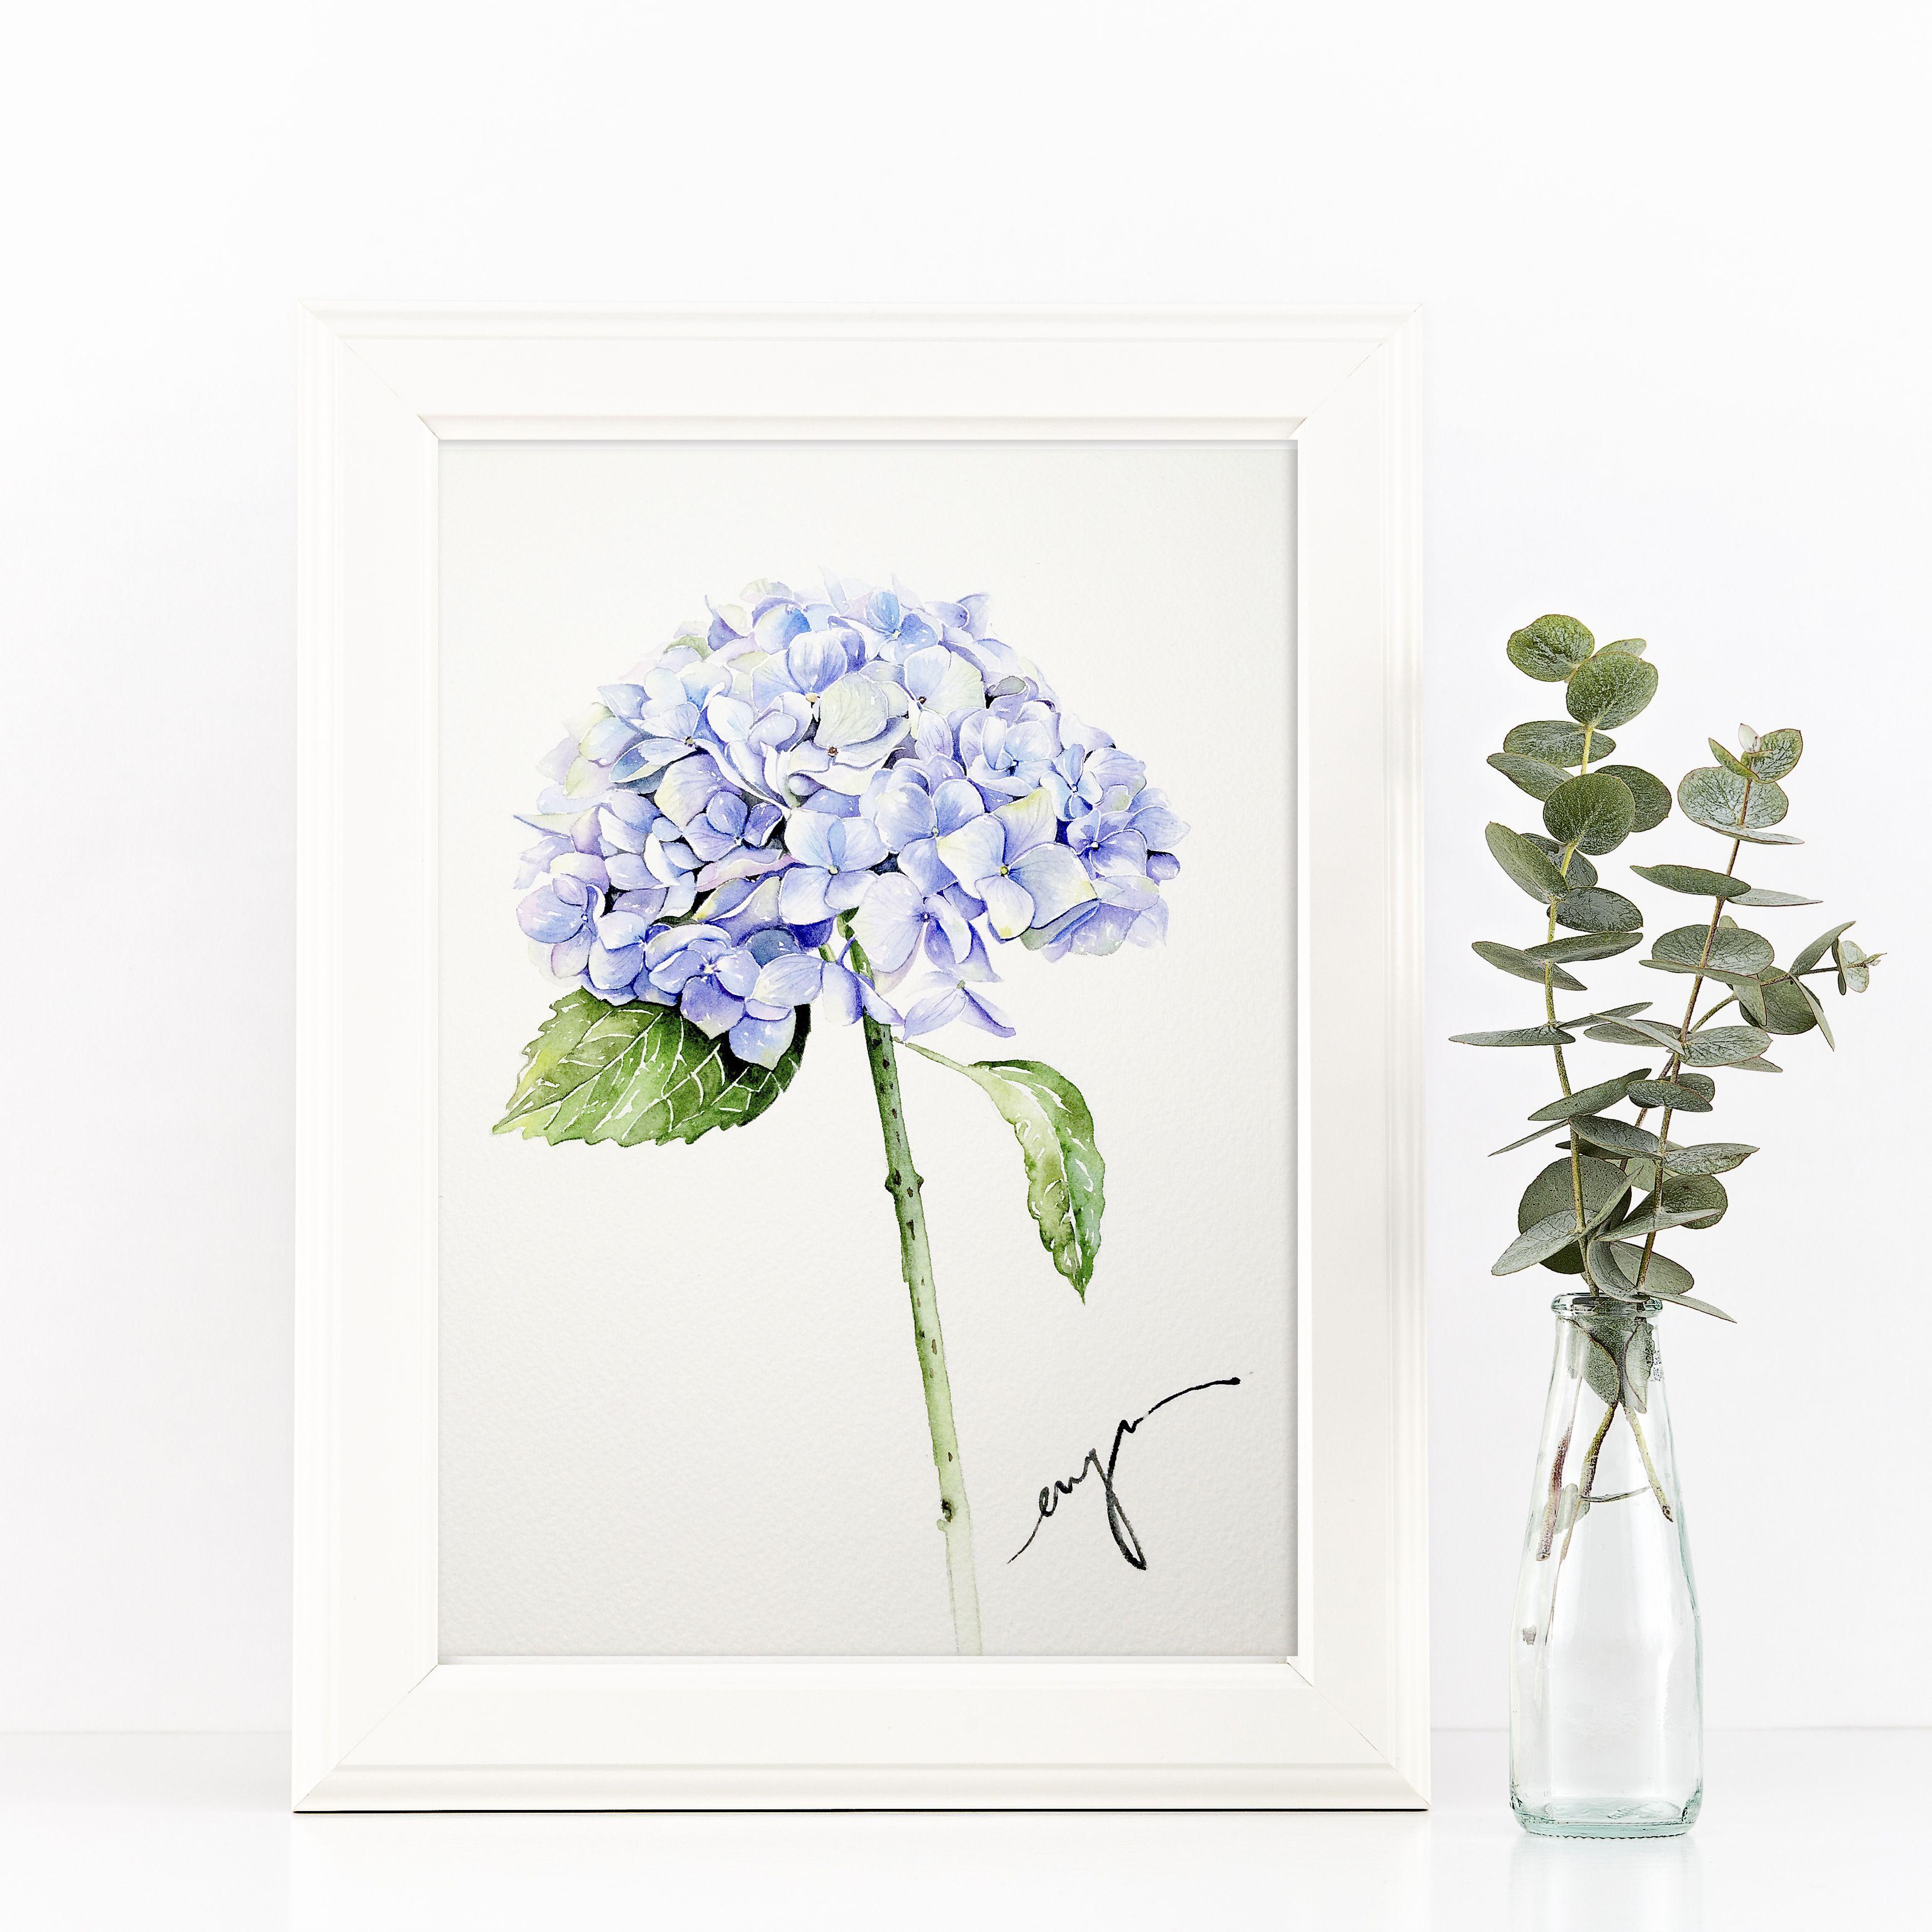 Hydrangea in frame